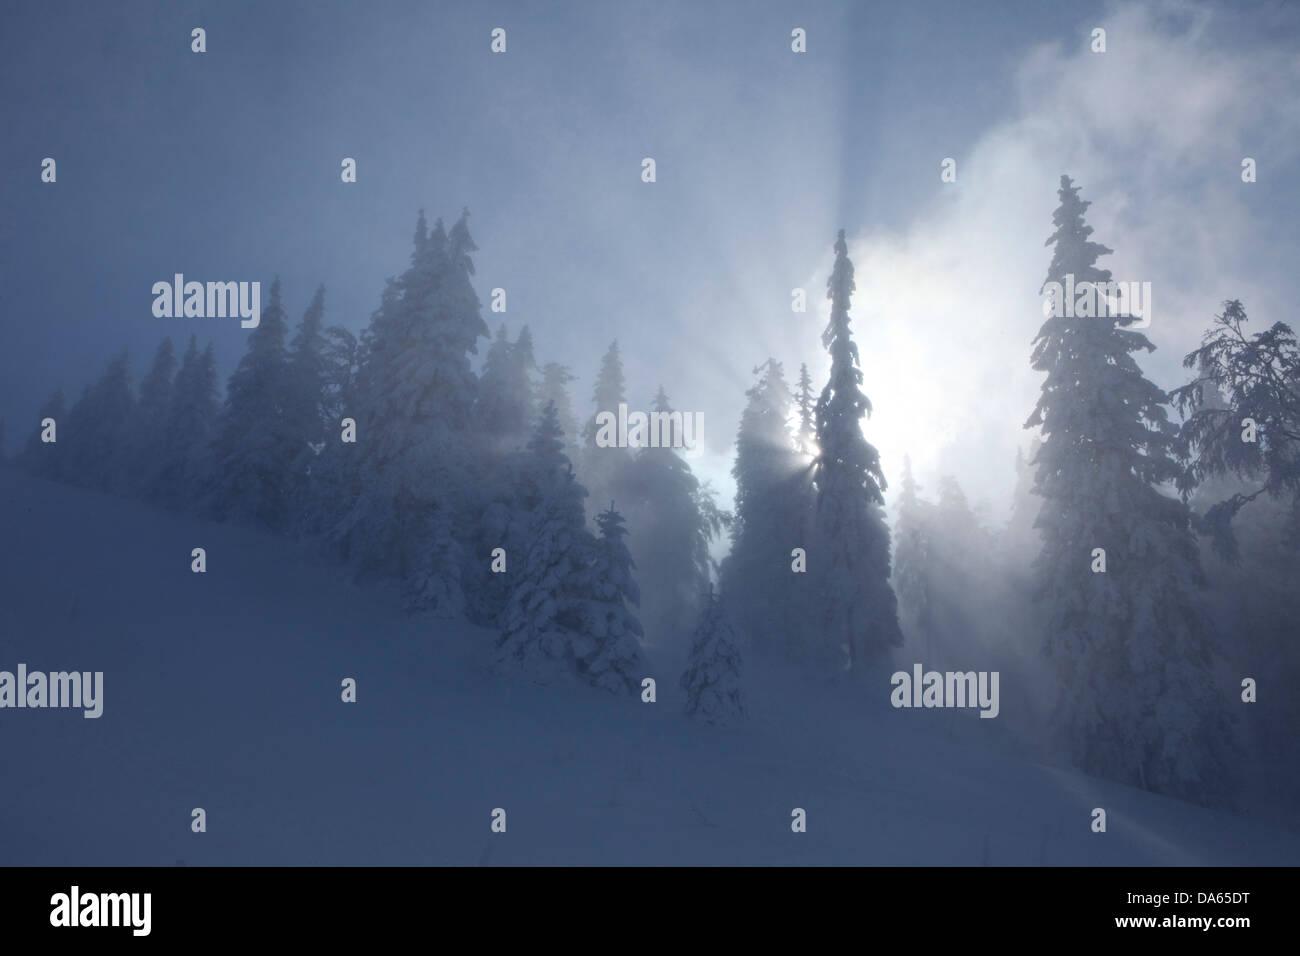 Arbres d'hiver, hiver, canton, VD, Vaud, neige, arbre, arbres, bois, la forêt, la neige, les sapins, la Photo Stock